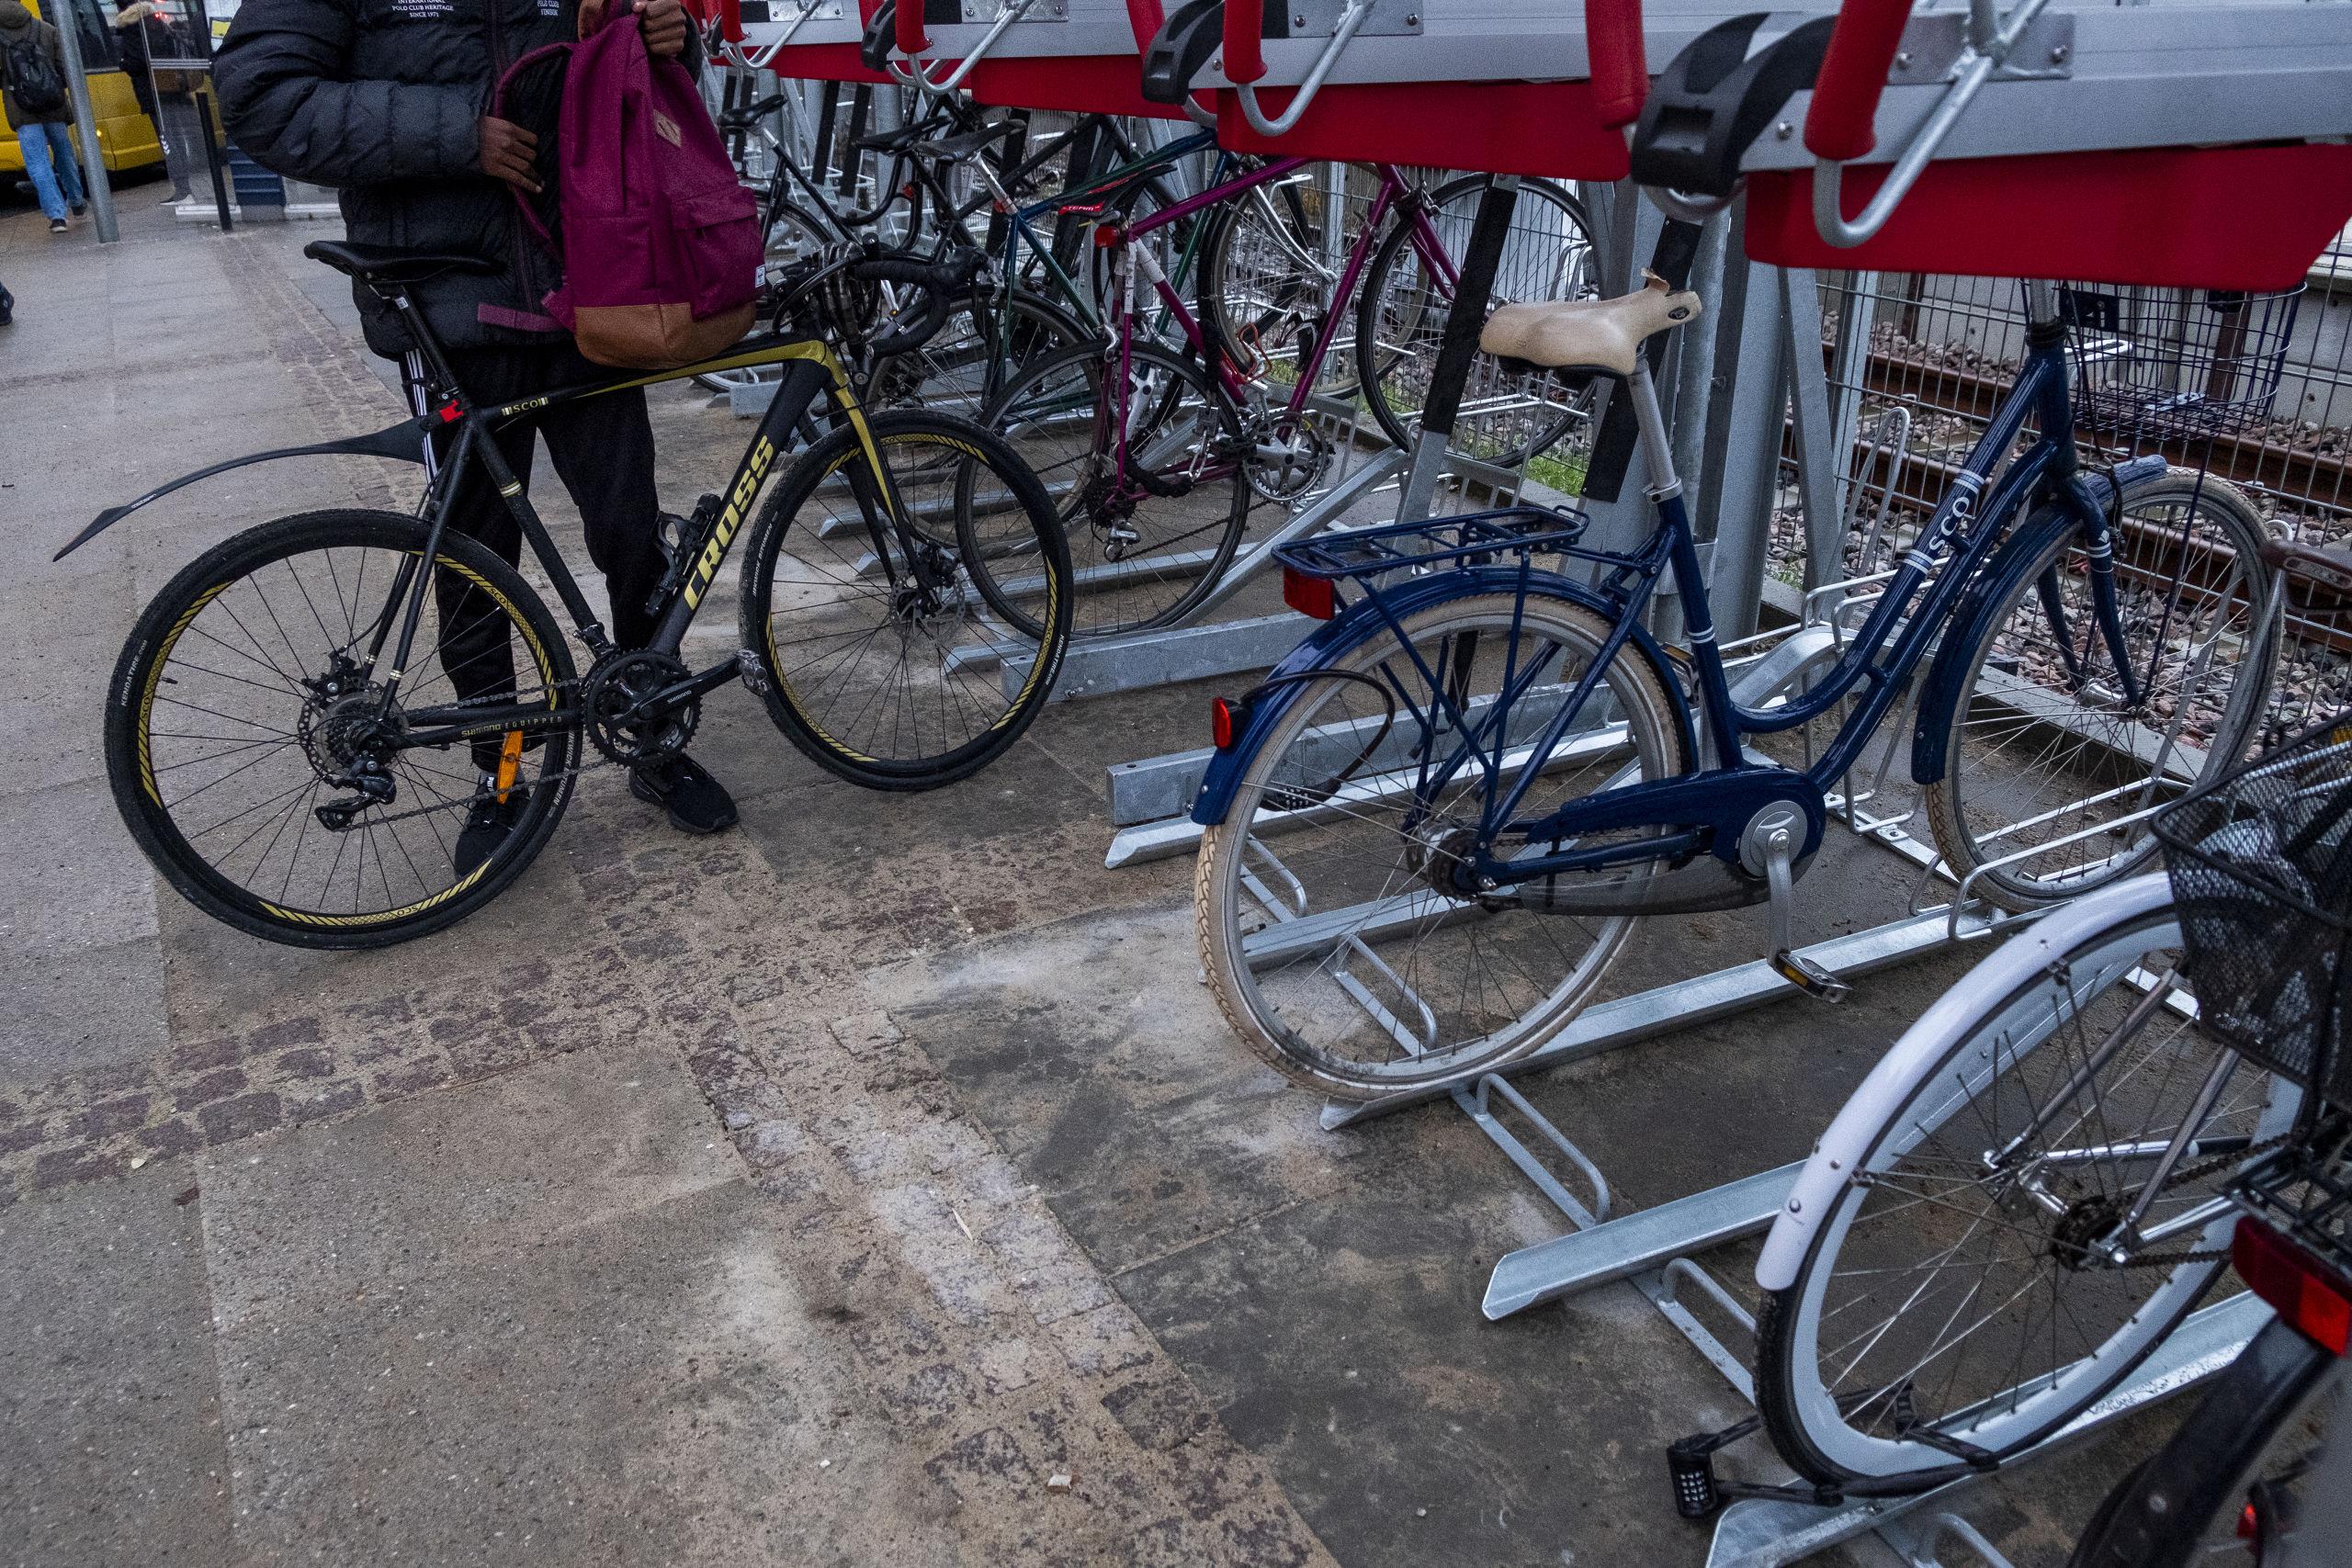 Mellem banegården og Kennedy Arkaden er der kommet cykelstativer i to etager. Arkivfoto: Lasse Sand